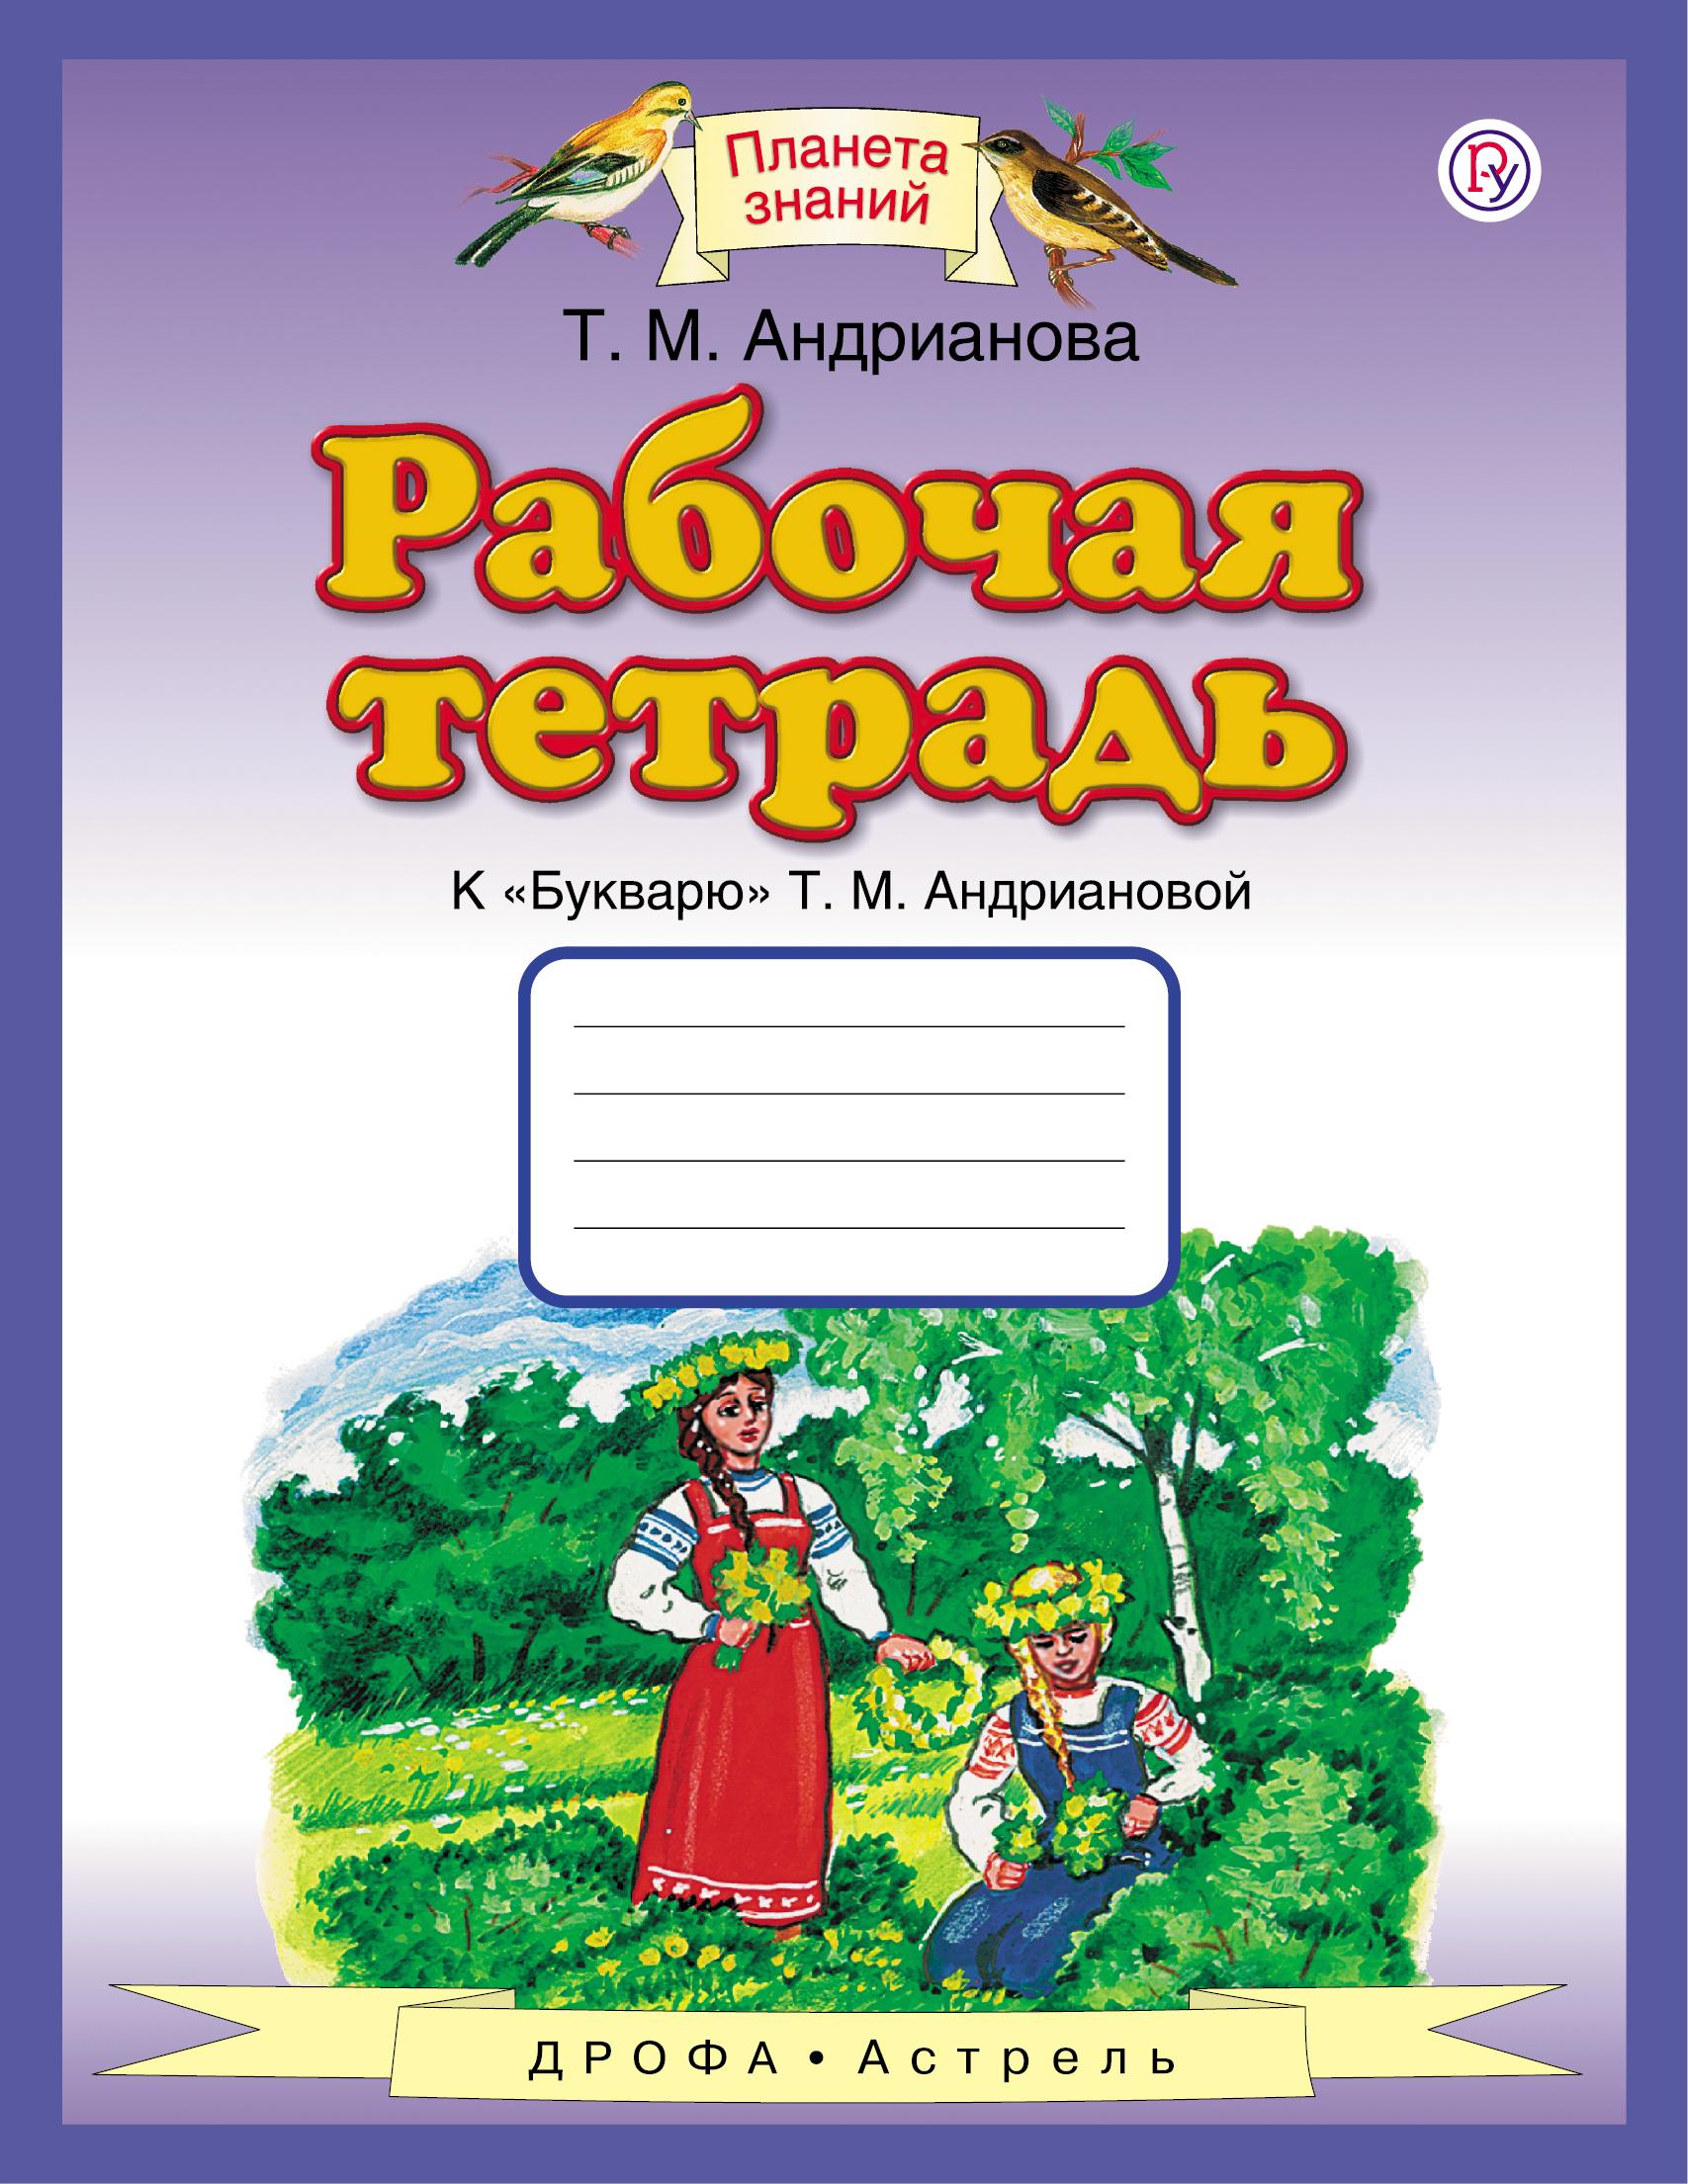 Букварь 1 класс 2018 на украинском языке